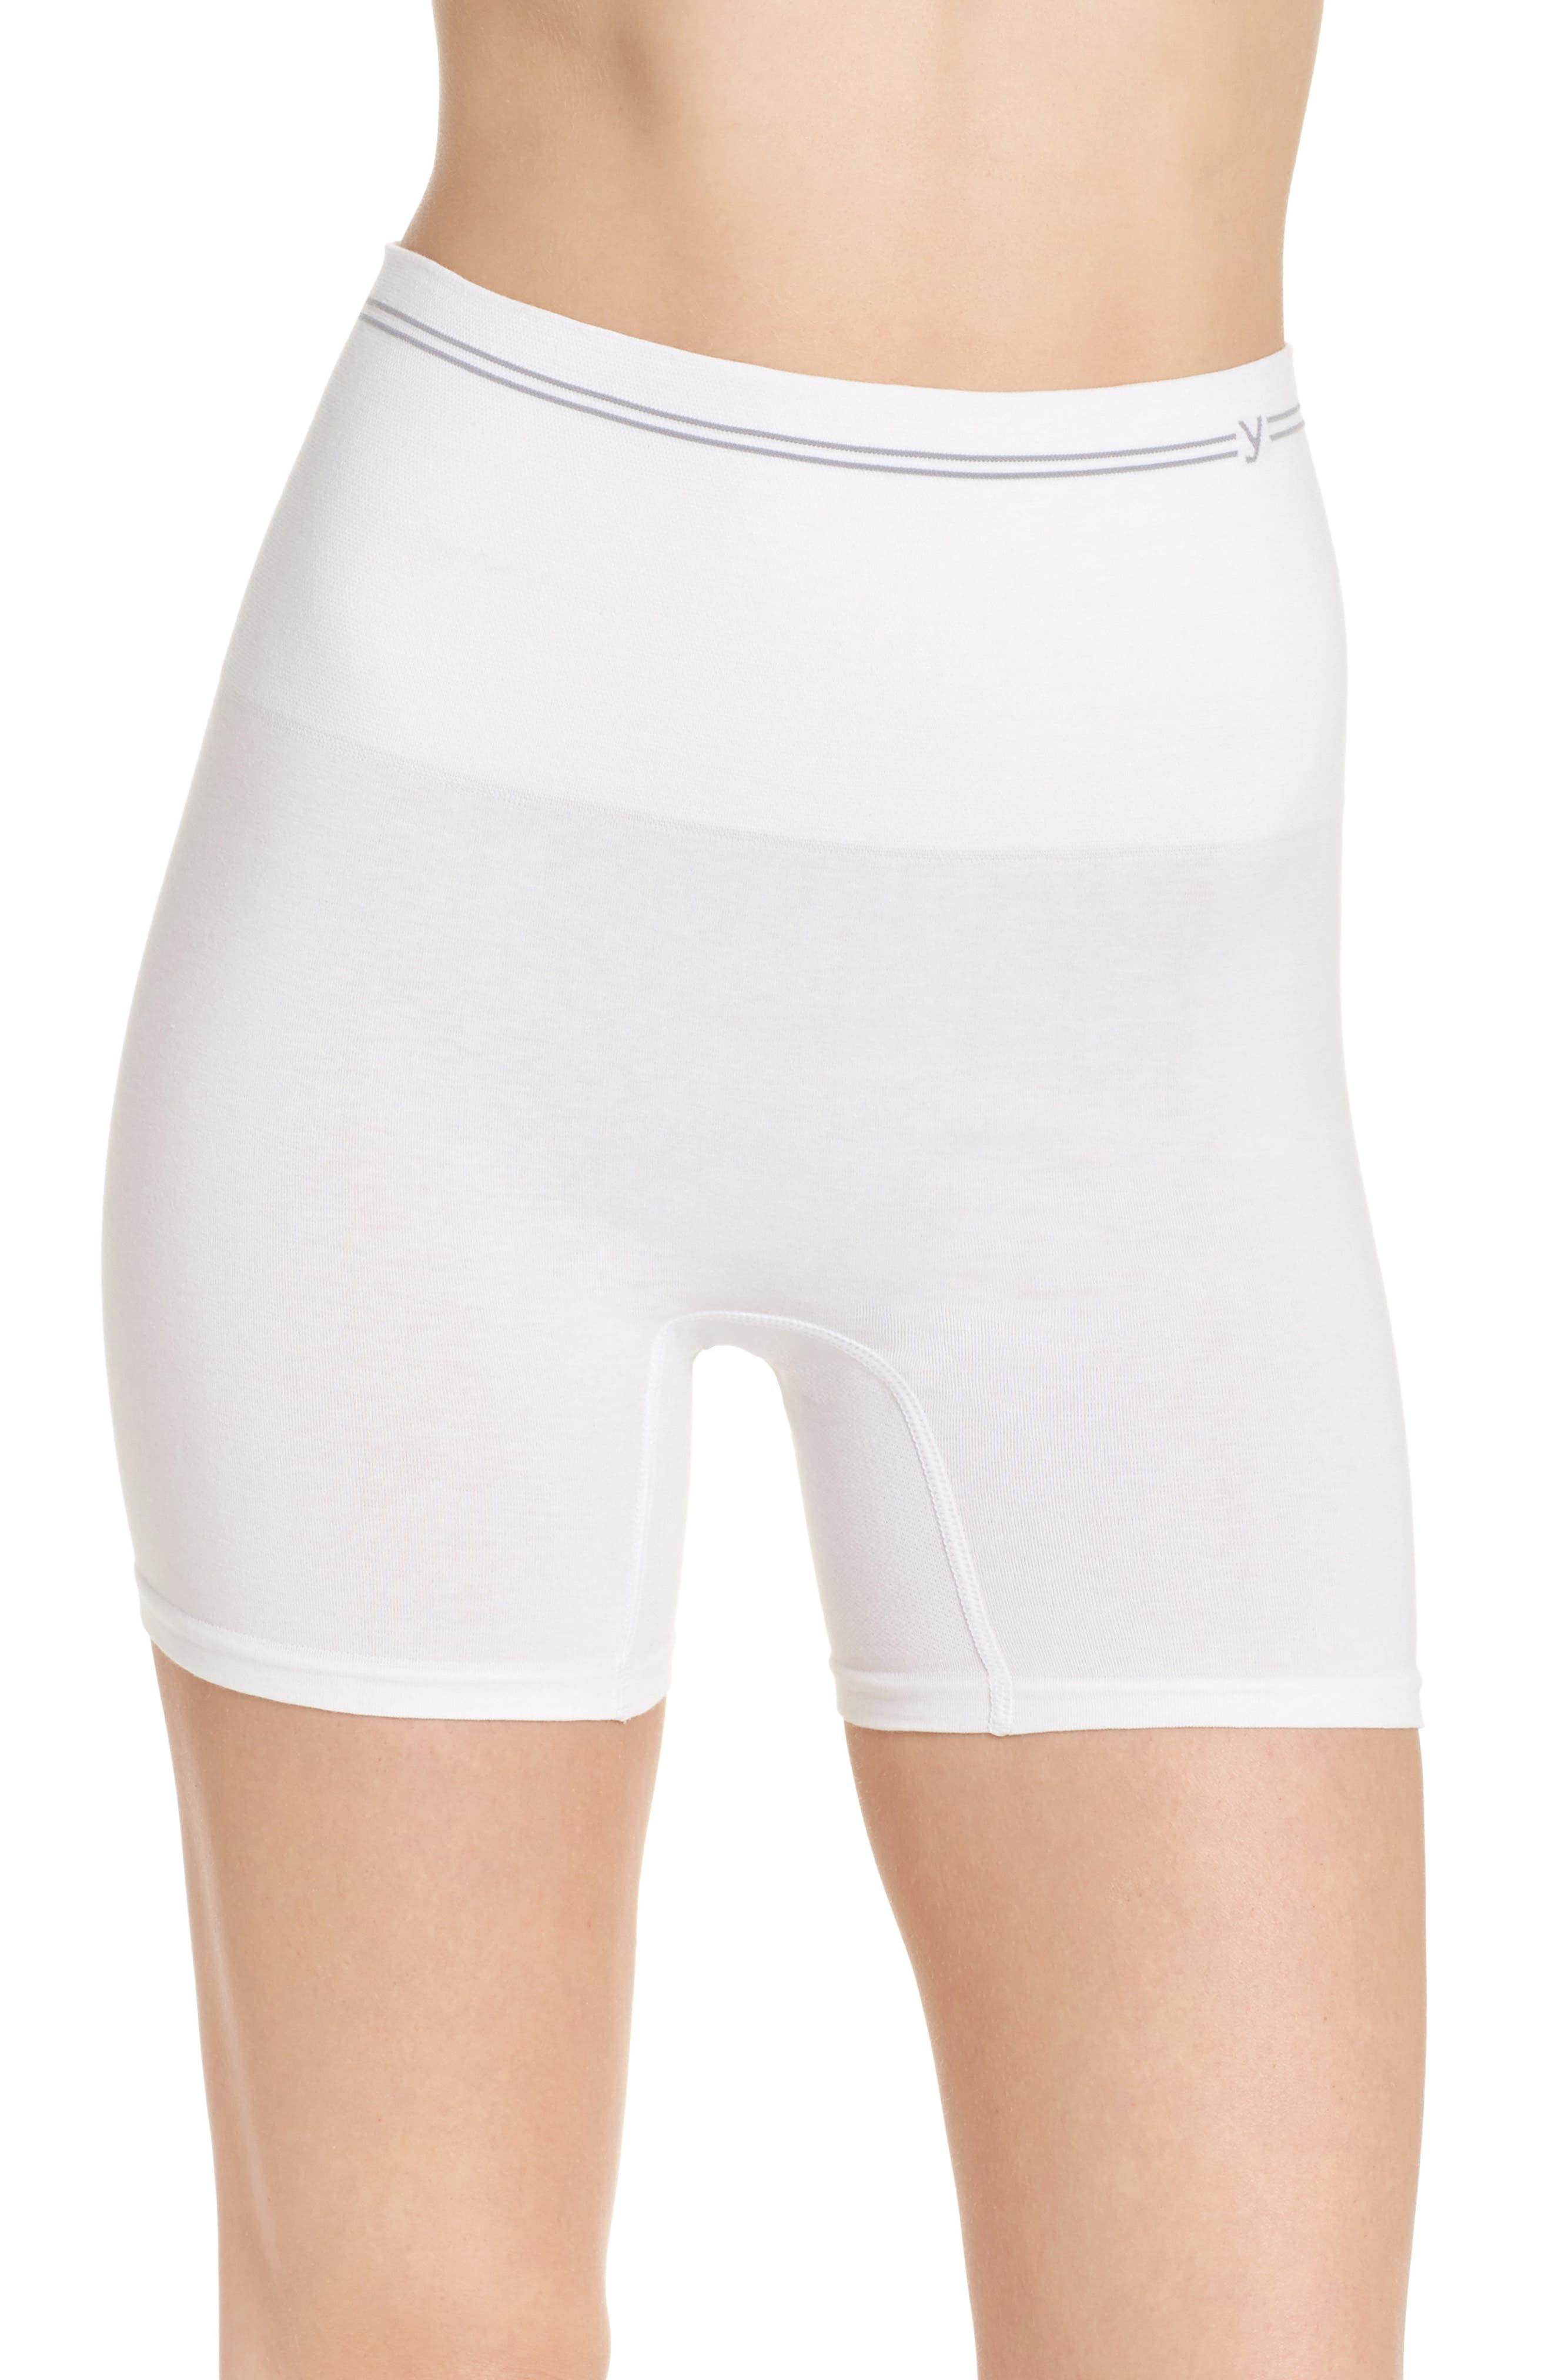 Seamless Shaping Shorts,                             Main thumbnail 1, color,                             White